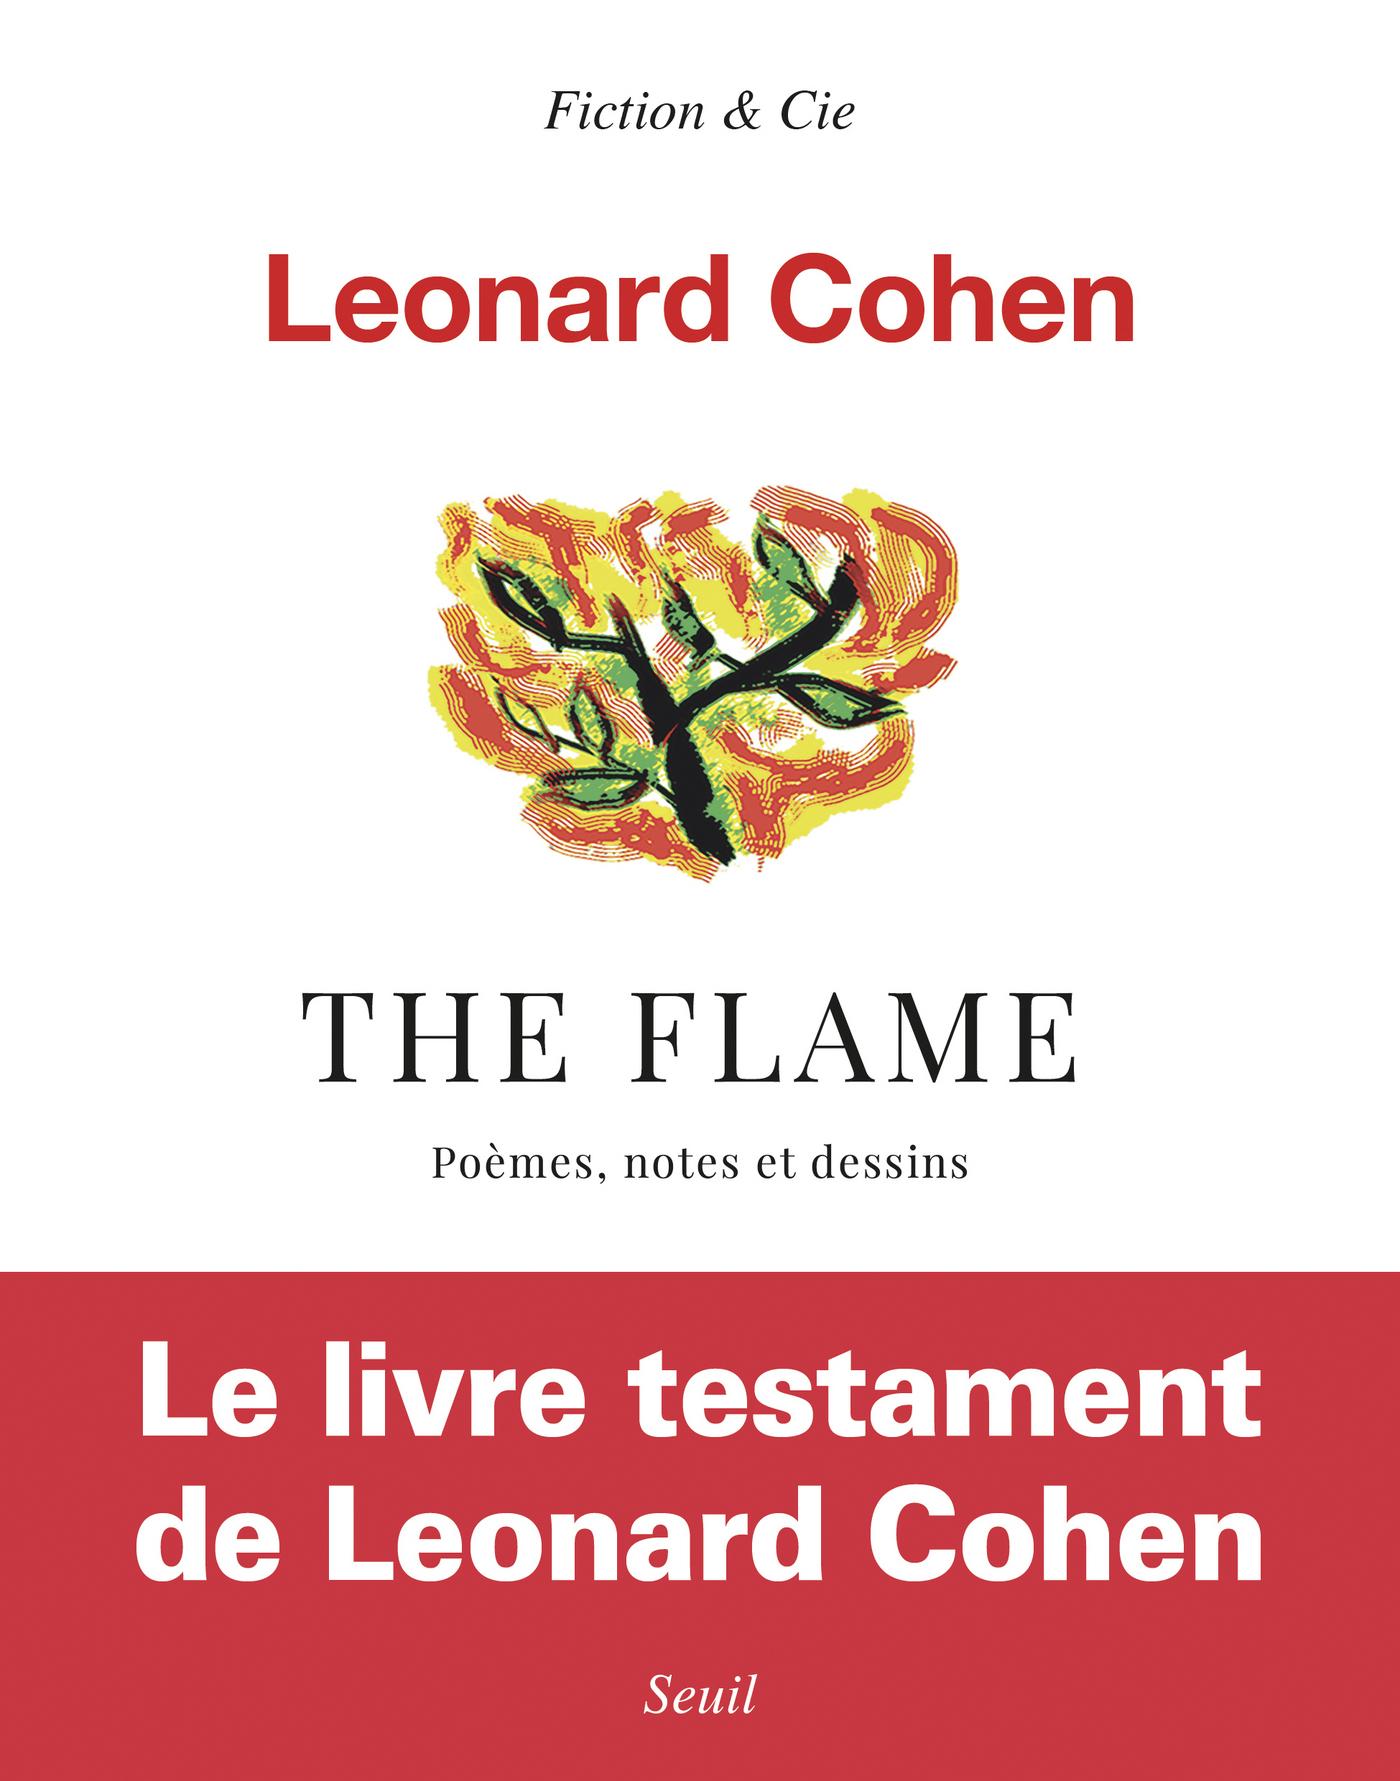 The Flame - Poèmes, notes et dessins